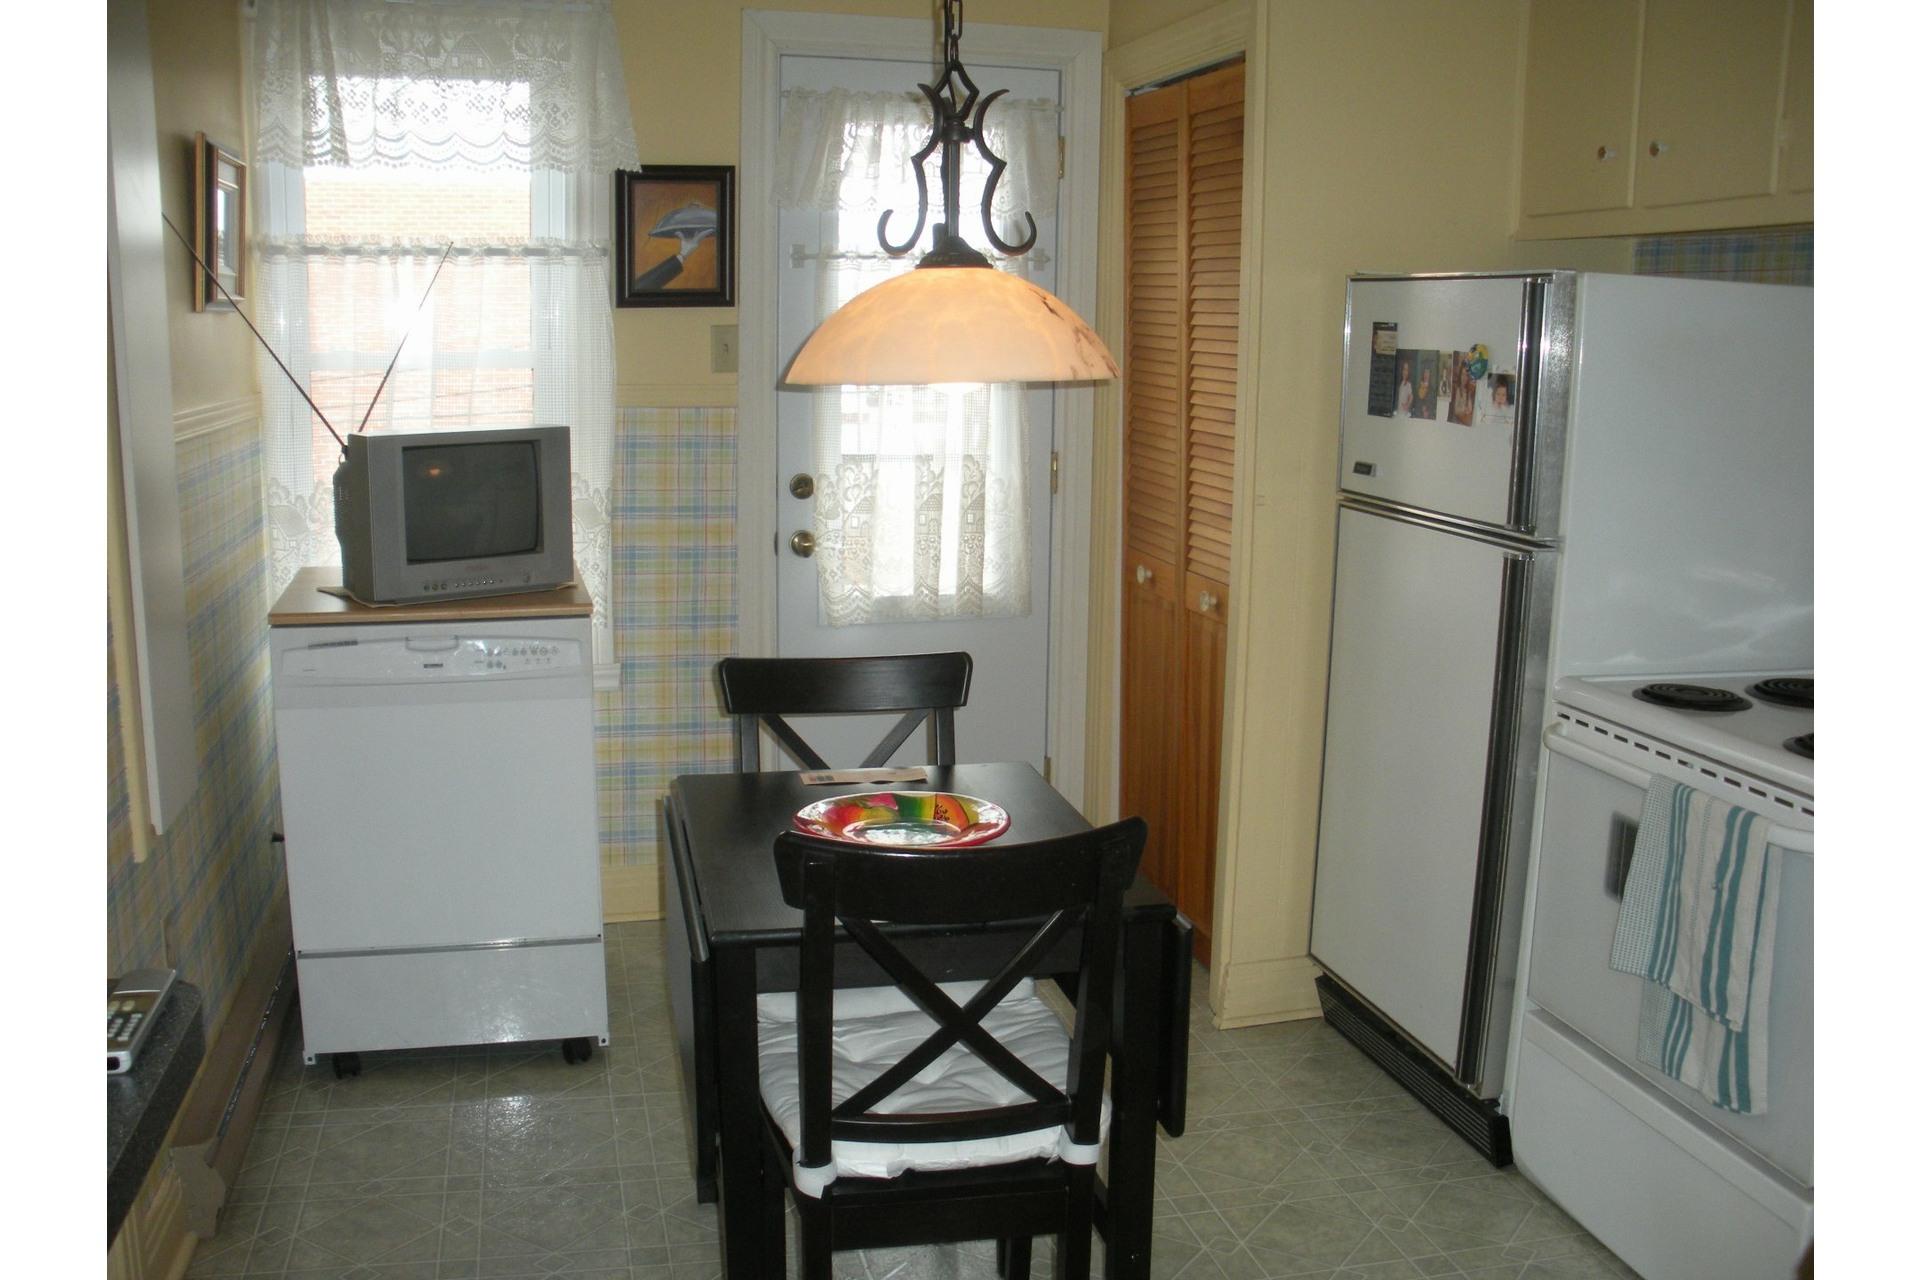 image 10 - Apartment For rent Verdun/Île-des-Soeurs Montréal  - 5 rooms